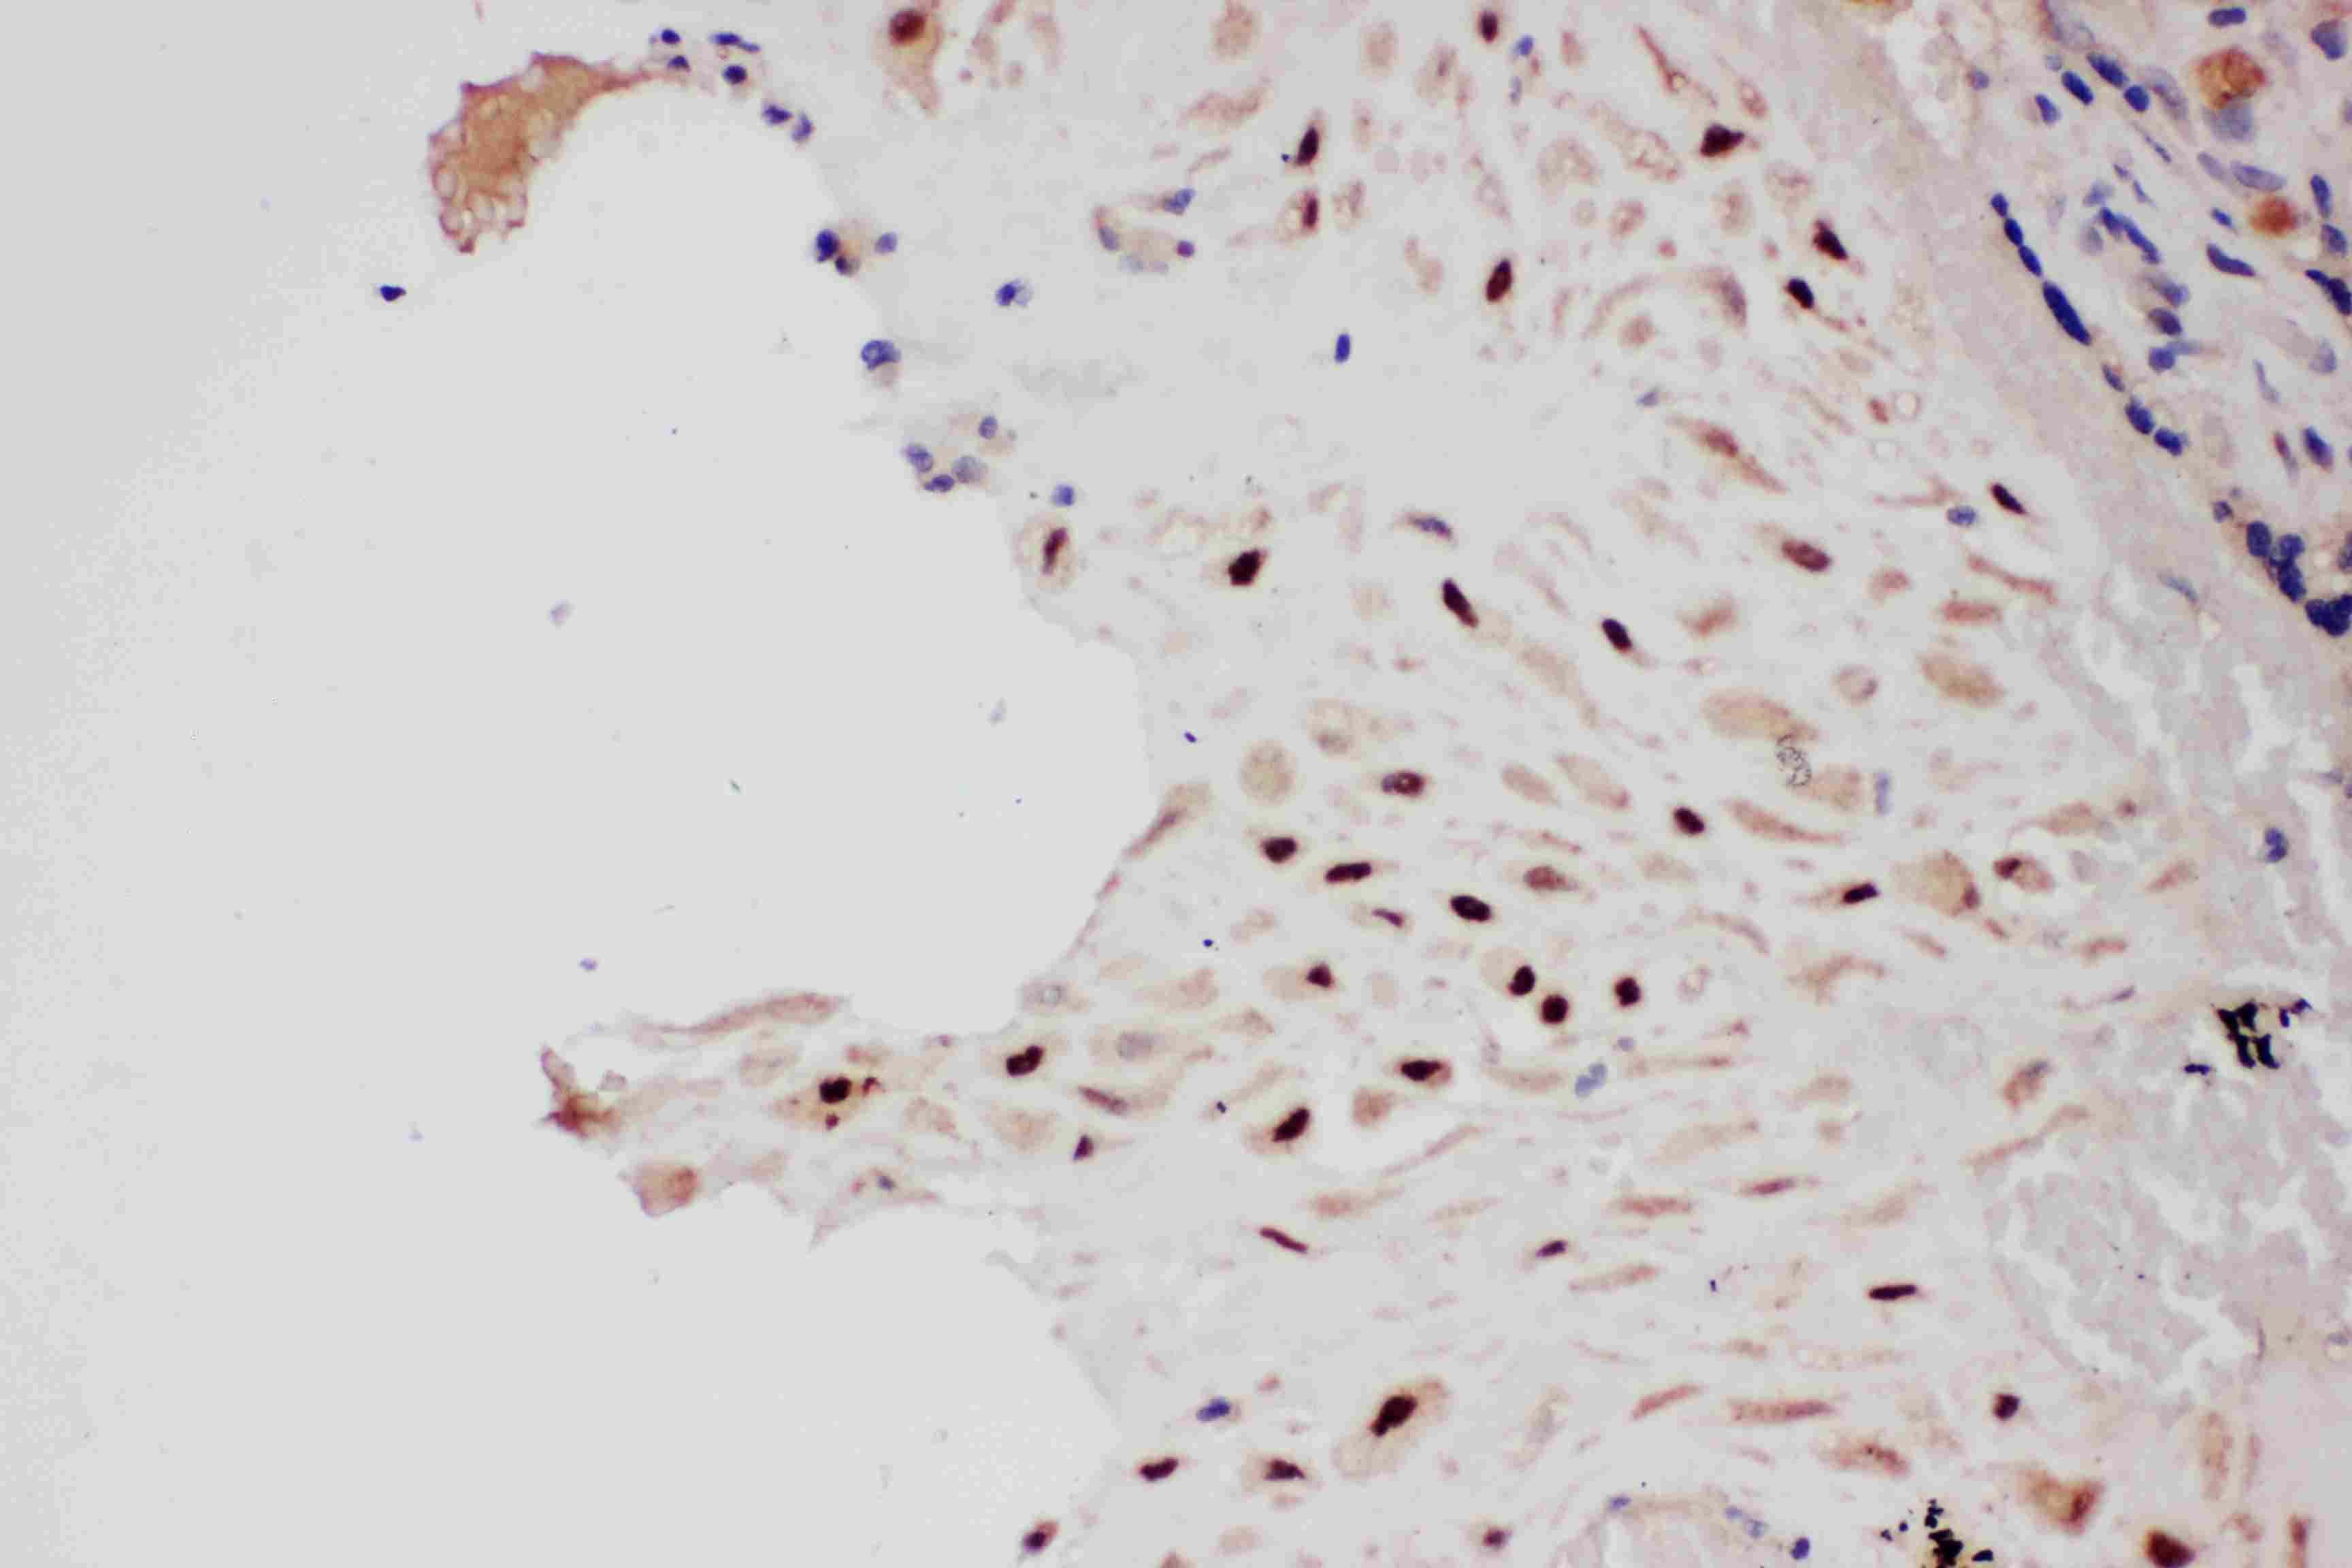 PIAS1 Antibody in Immunohistochemistry (Paraffin) (IHC (P))